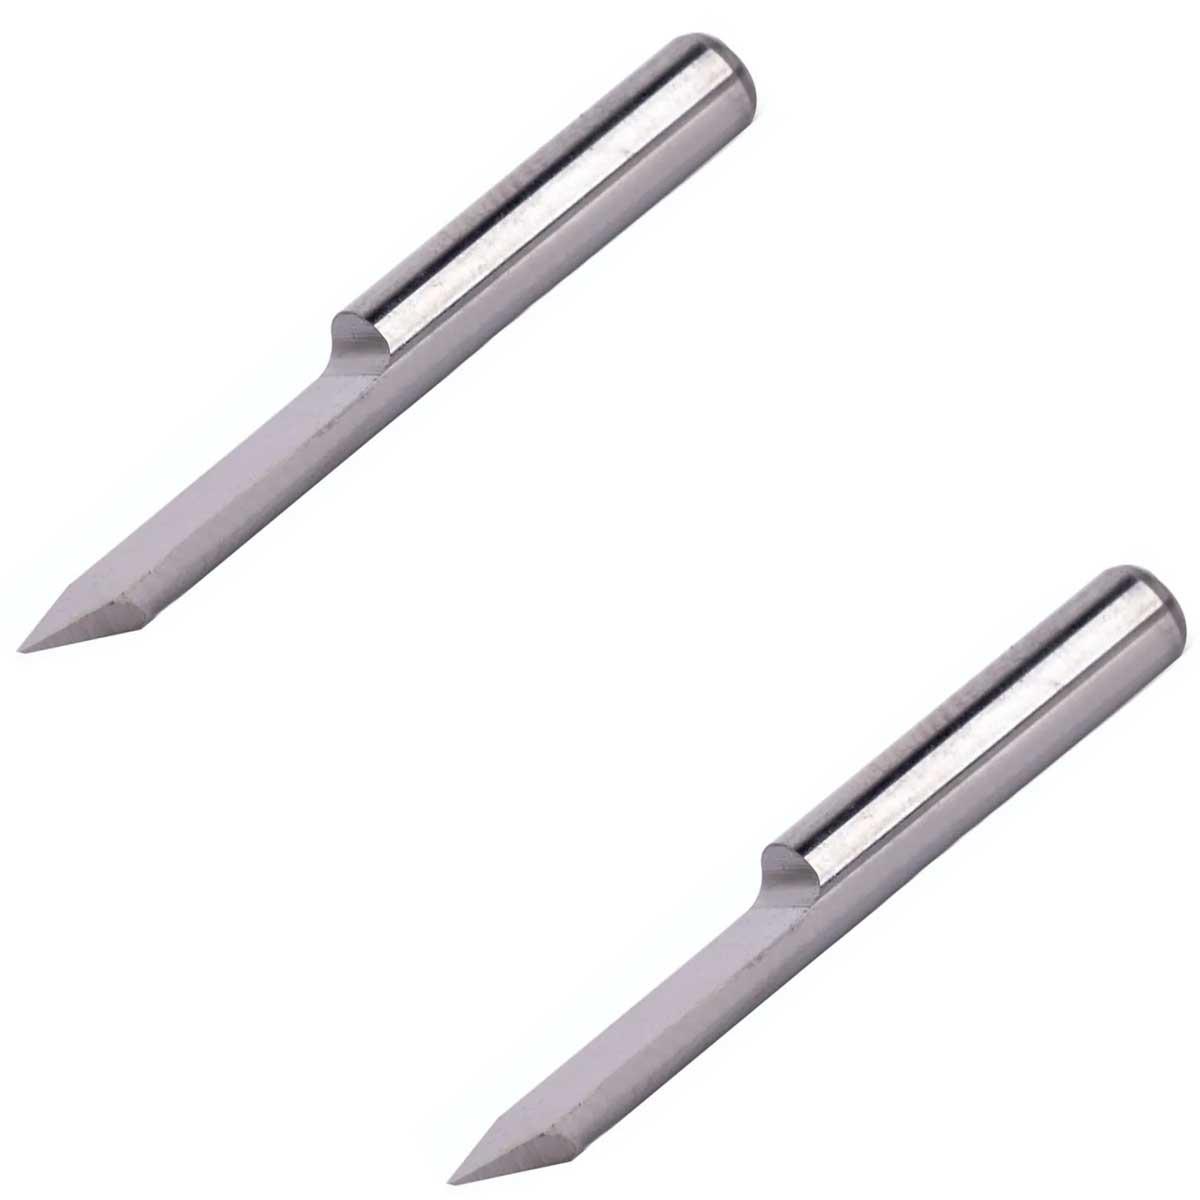 2x Fresa ponta 0.1mm com ângulo 90° espessura 3.175 para CNC